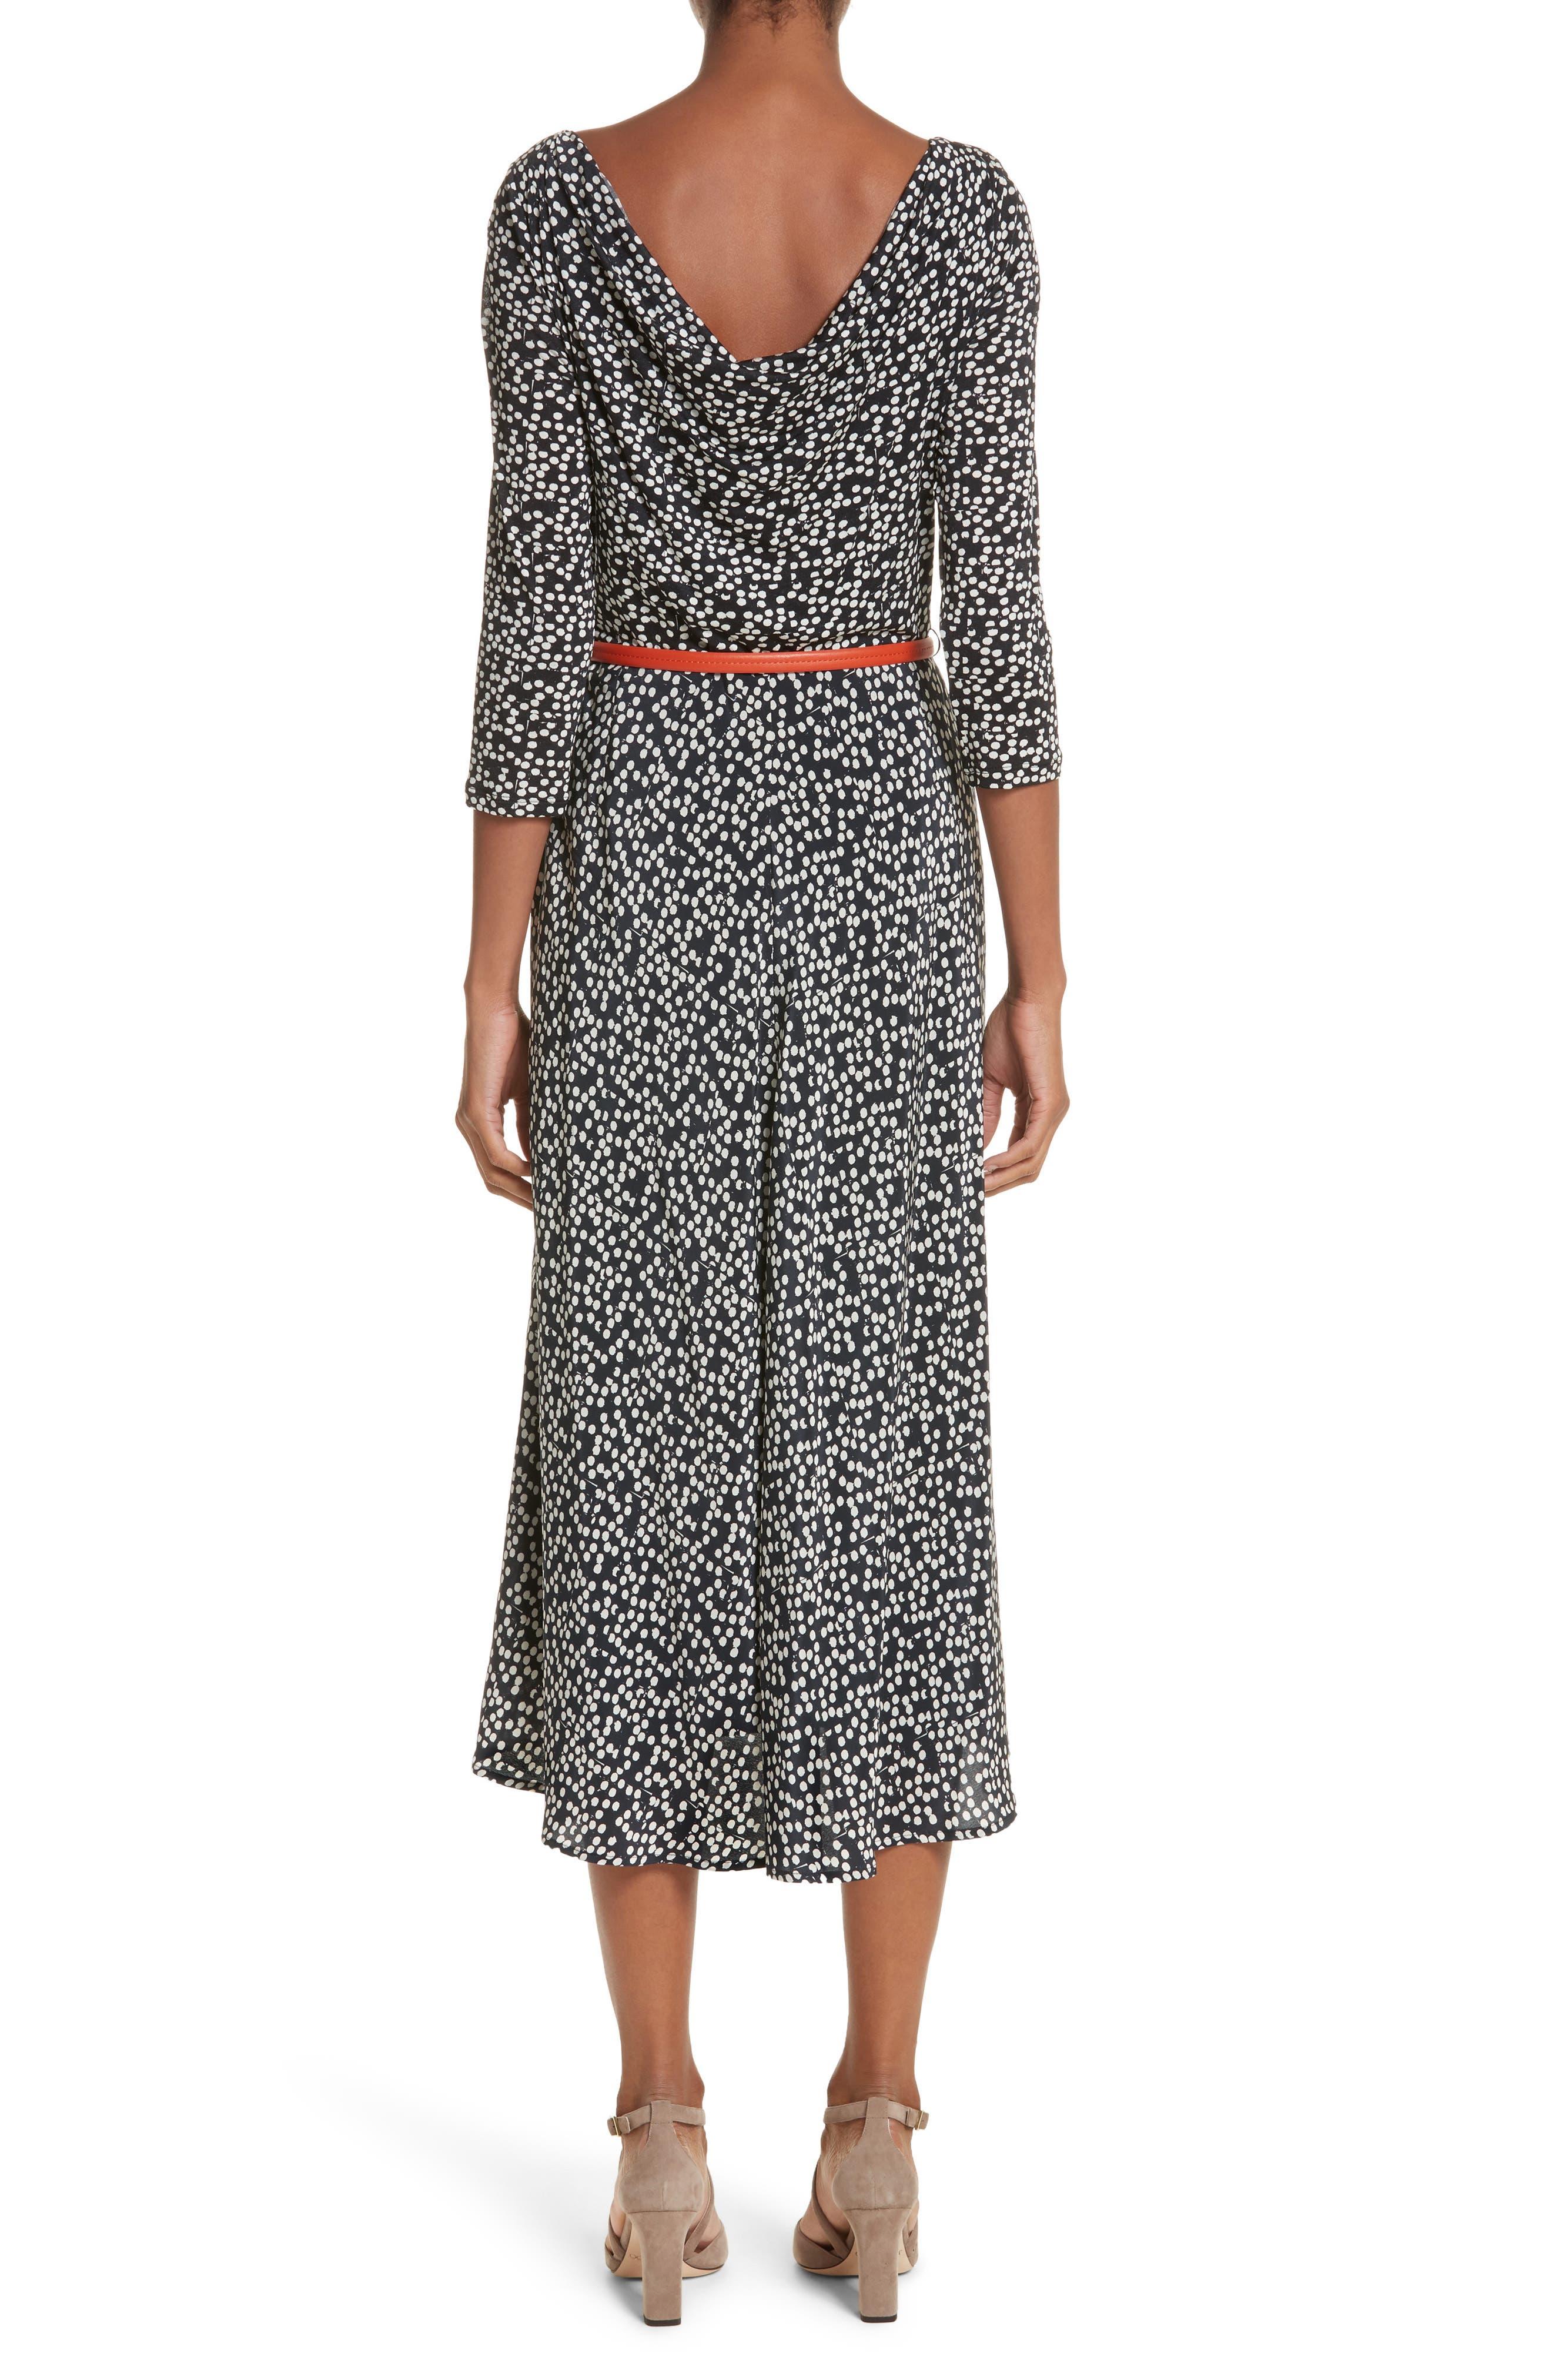 Peter Dot Print Midi Dress,                             Alternate thumbnail 2, color,                             001